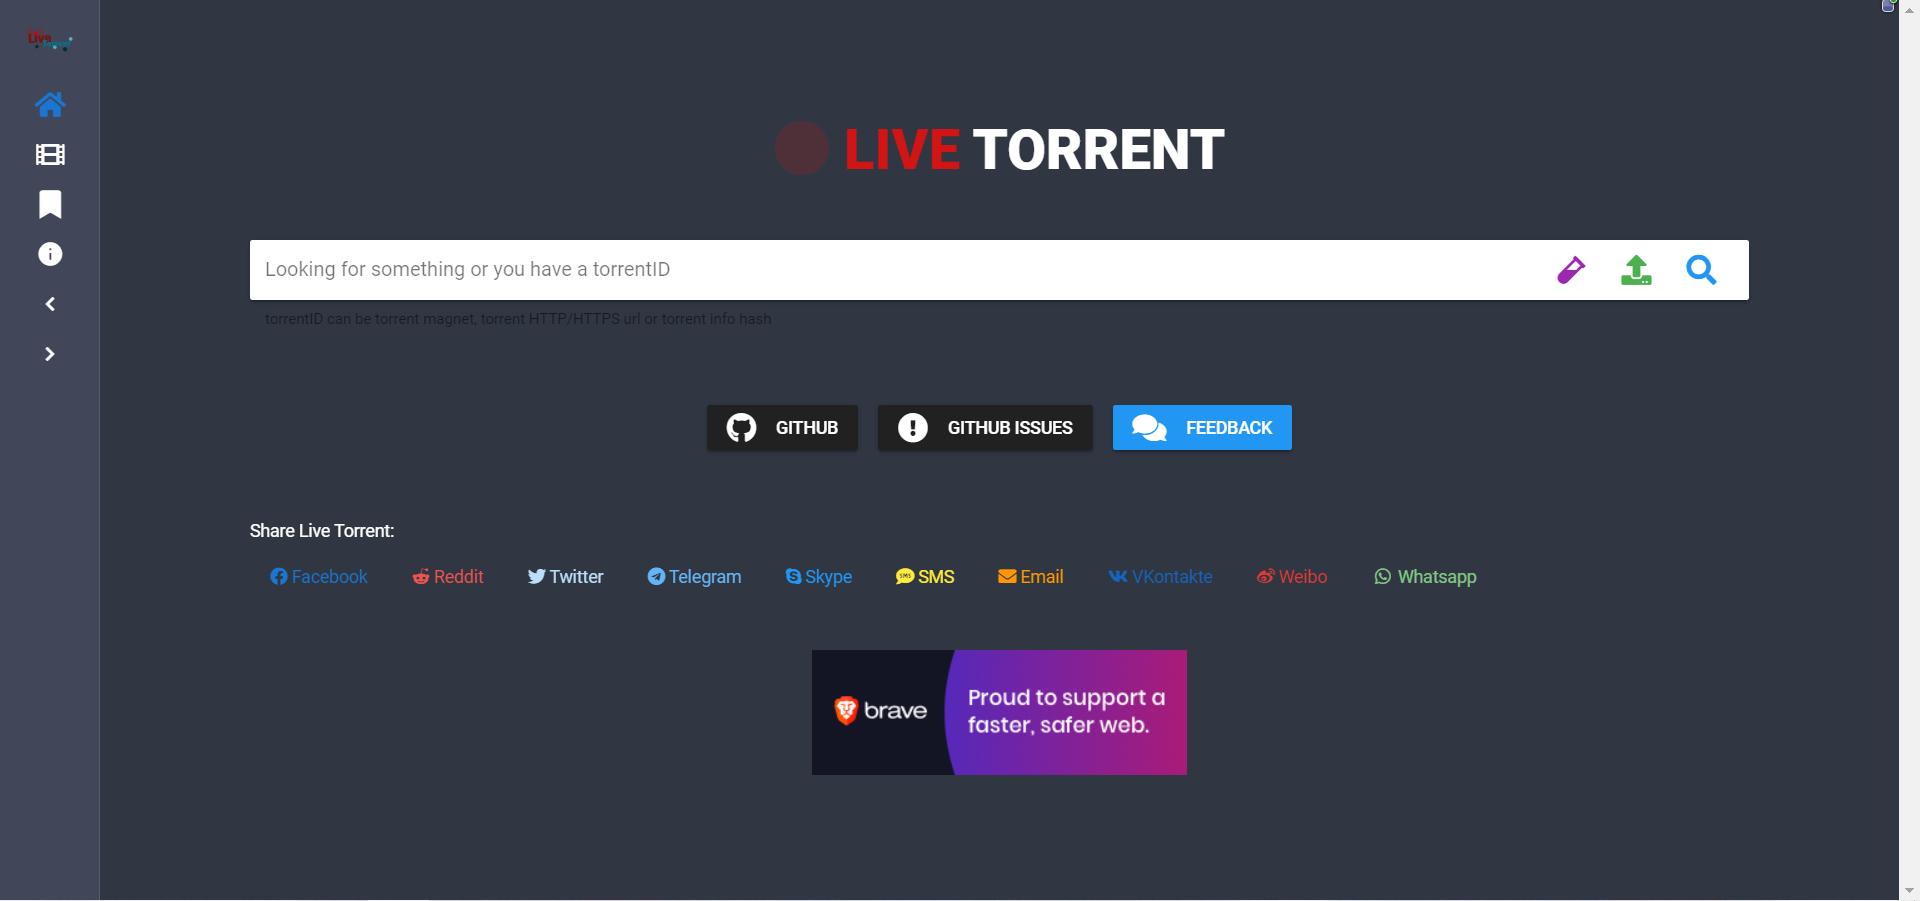 一个支持磁力链和种子在线搜索的云播Web客户端live-torrent